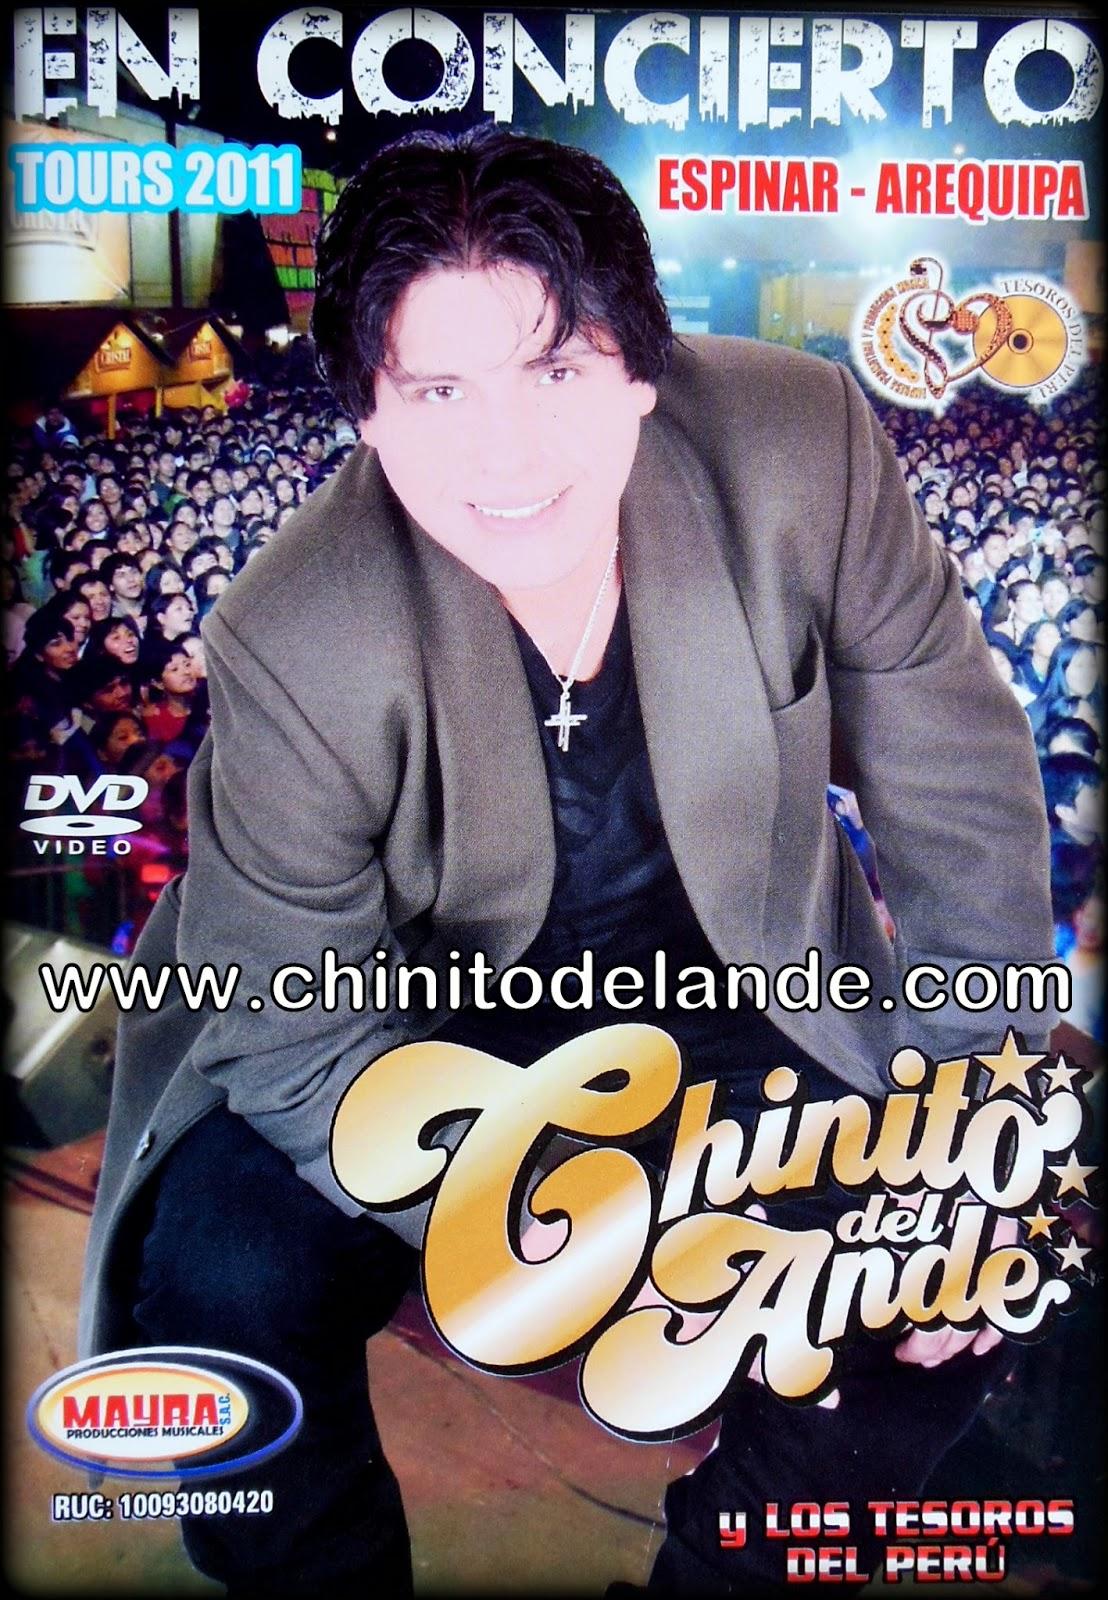 http://www.chinitodelande.com/p/concierto-en-espinar-y-arequipa.html